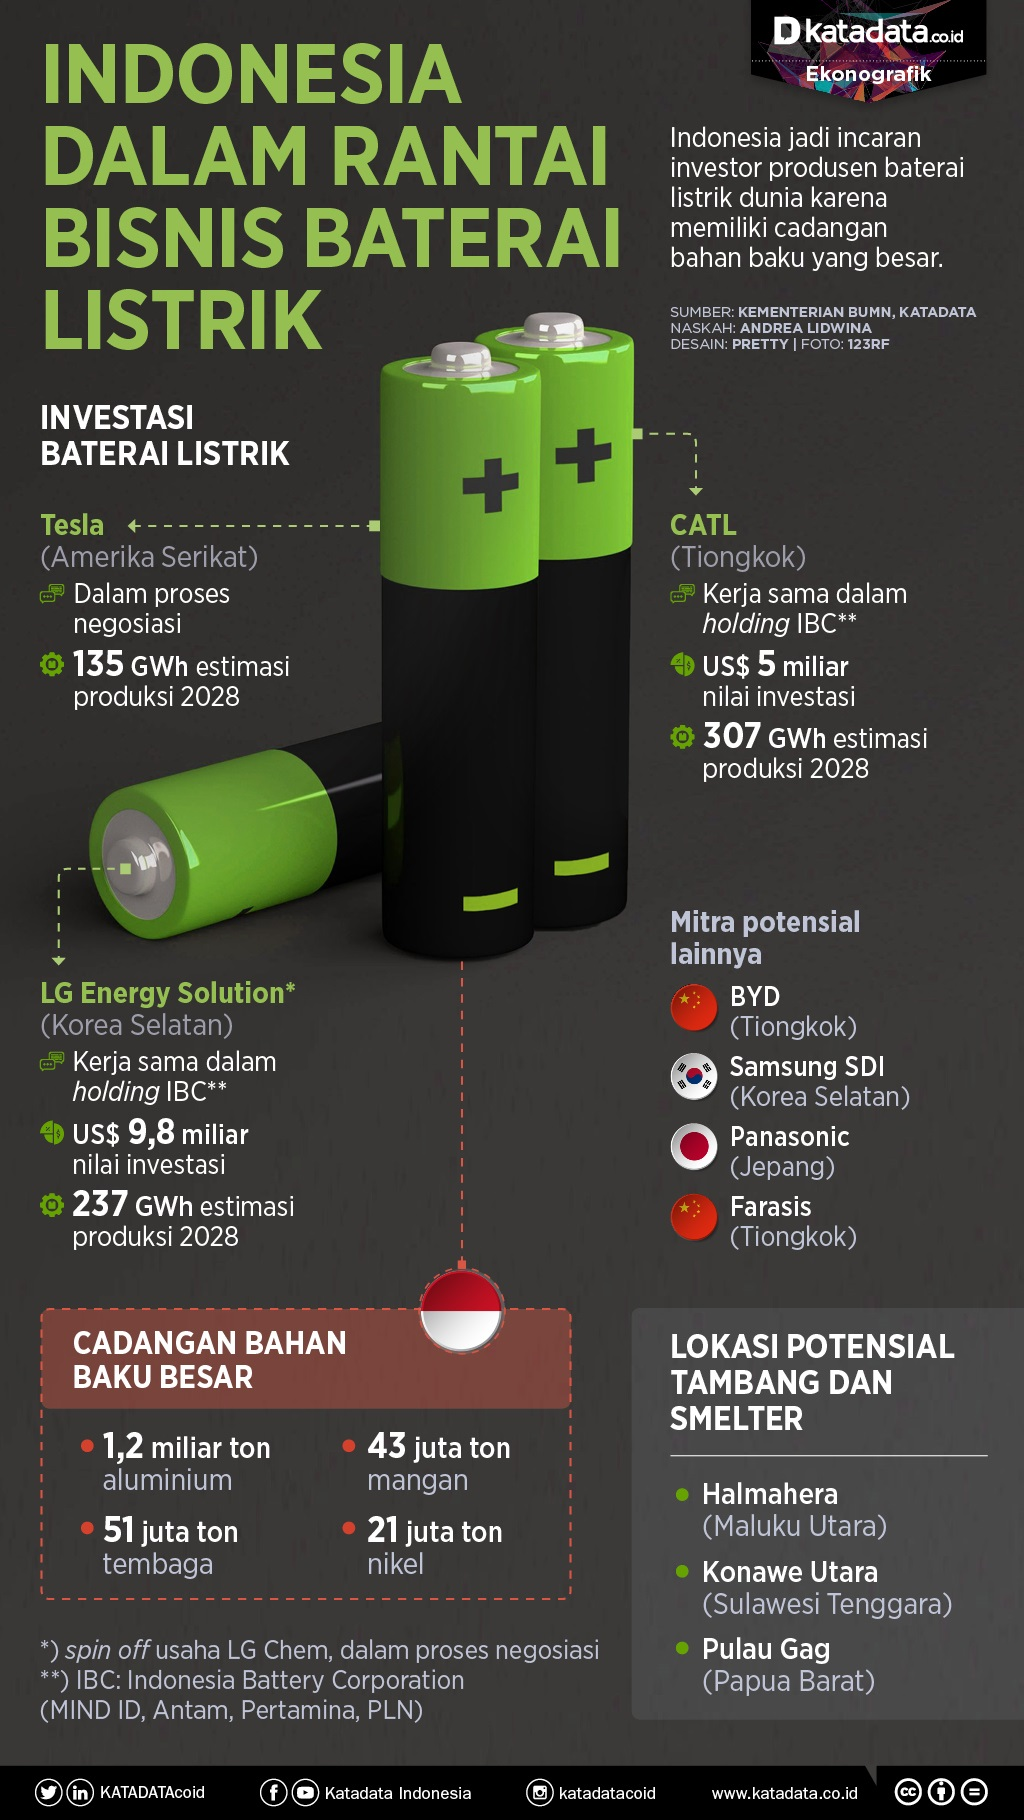 Infografik_Indonesia dalam rantai bisnis baterai listrik